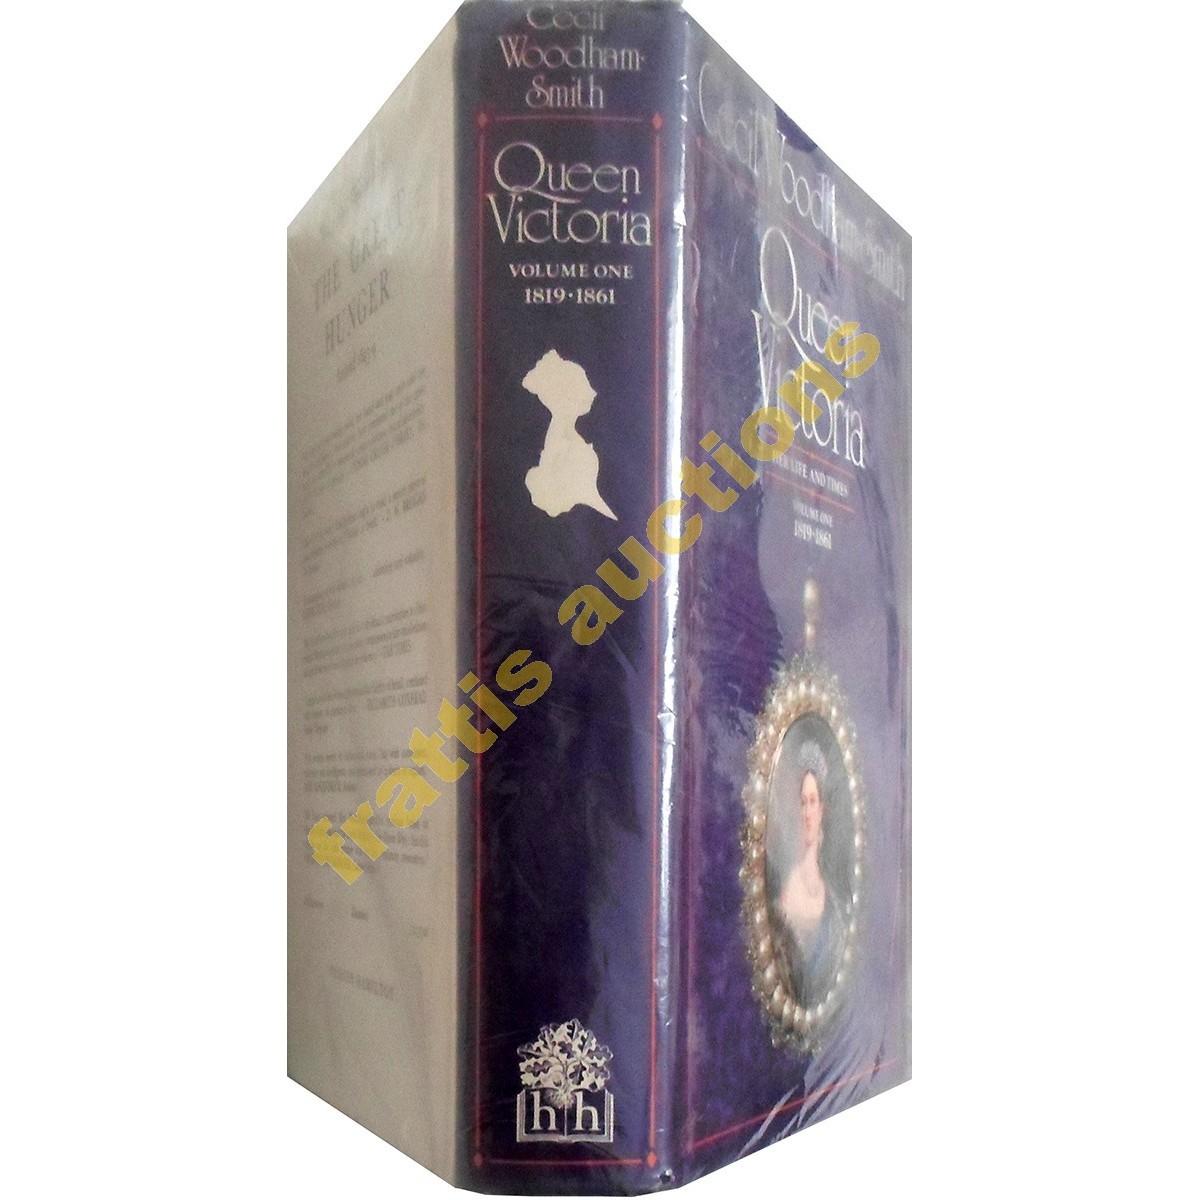 Queen Victoria,Vol I 1919-1861,Cecil Woodham-Smith,1972.